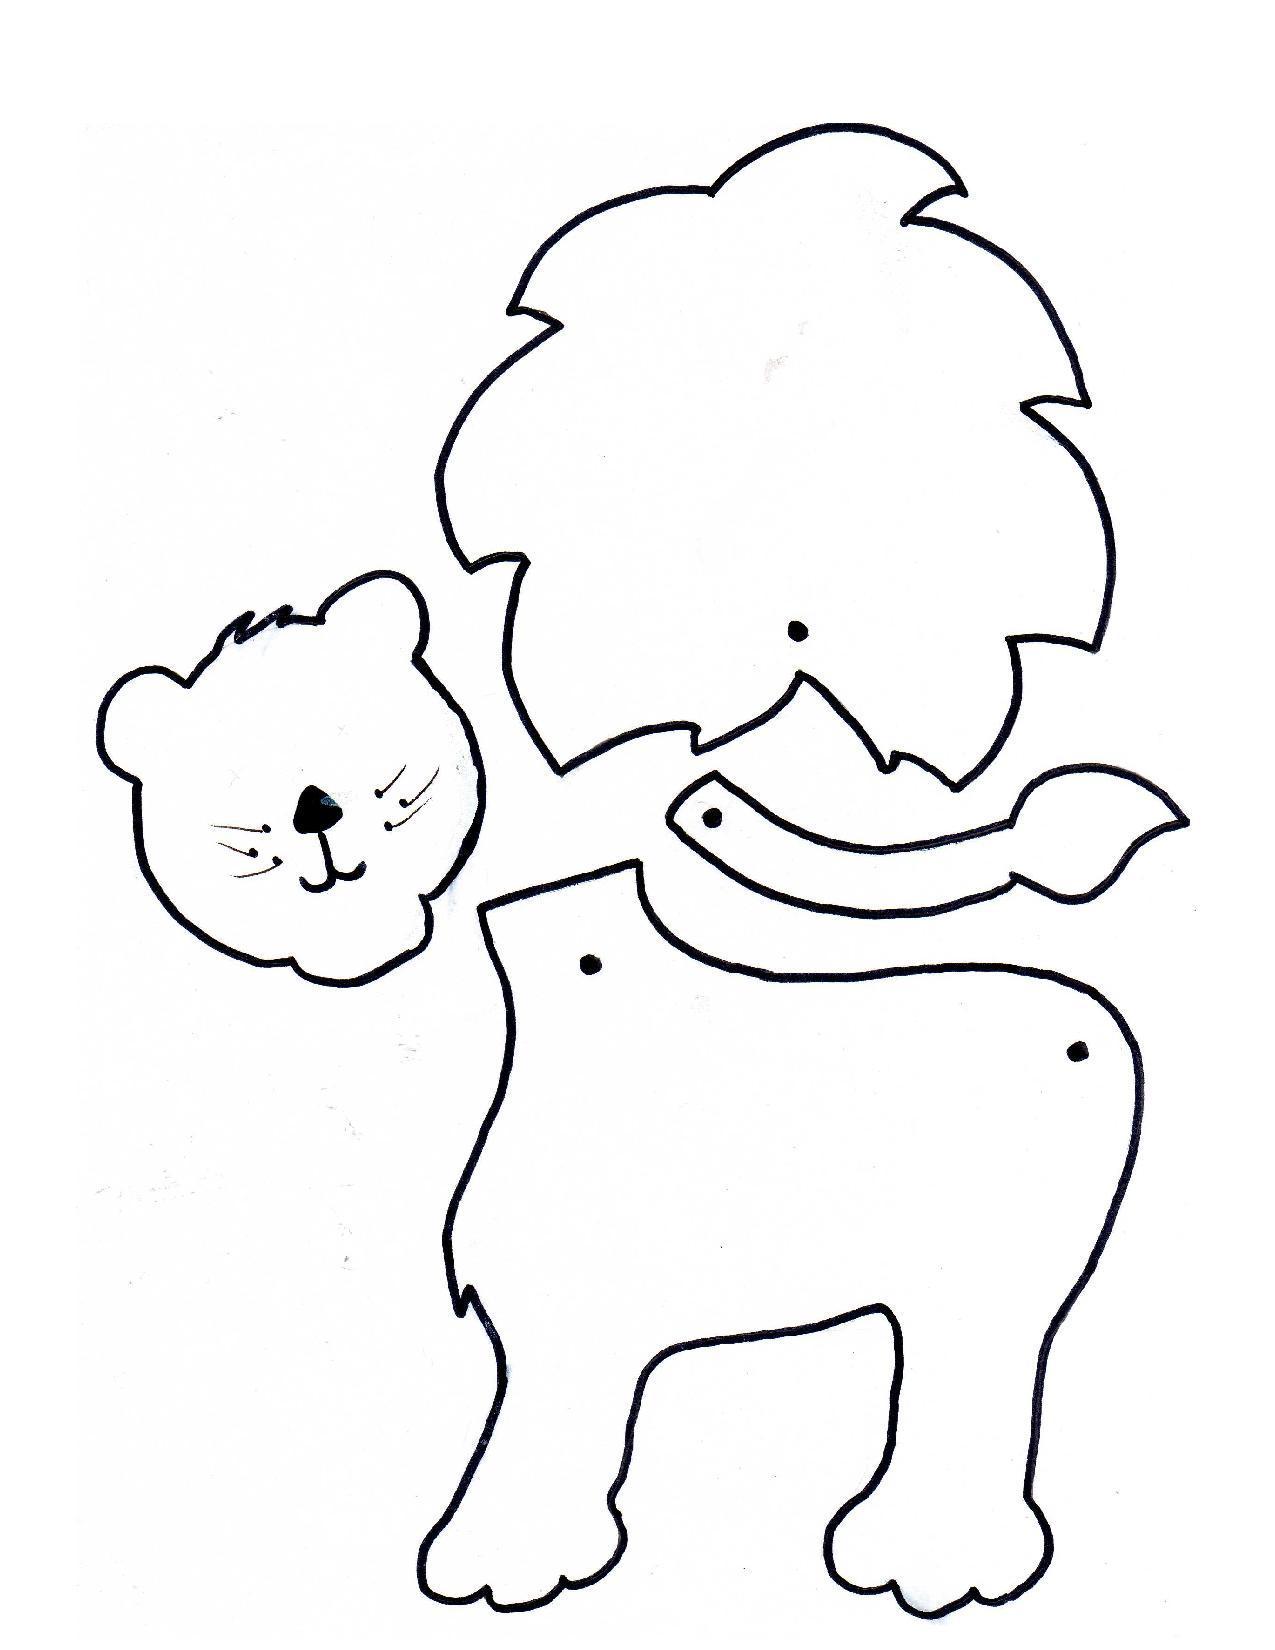 Donald Duck Stencil | Free Stencil Gallery  |Duck Face Stencil